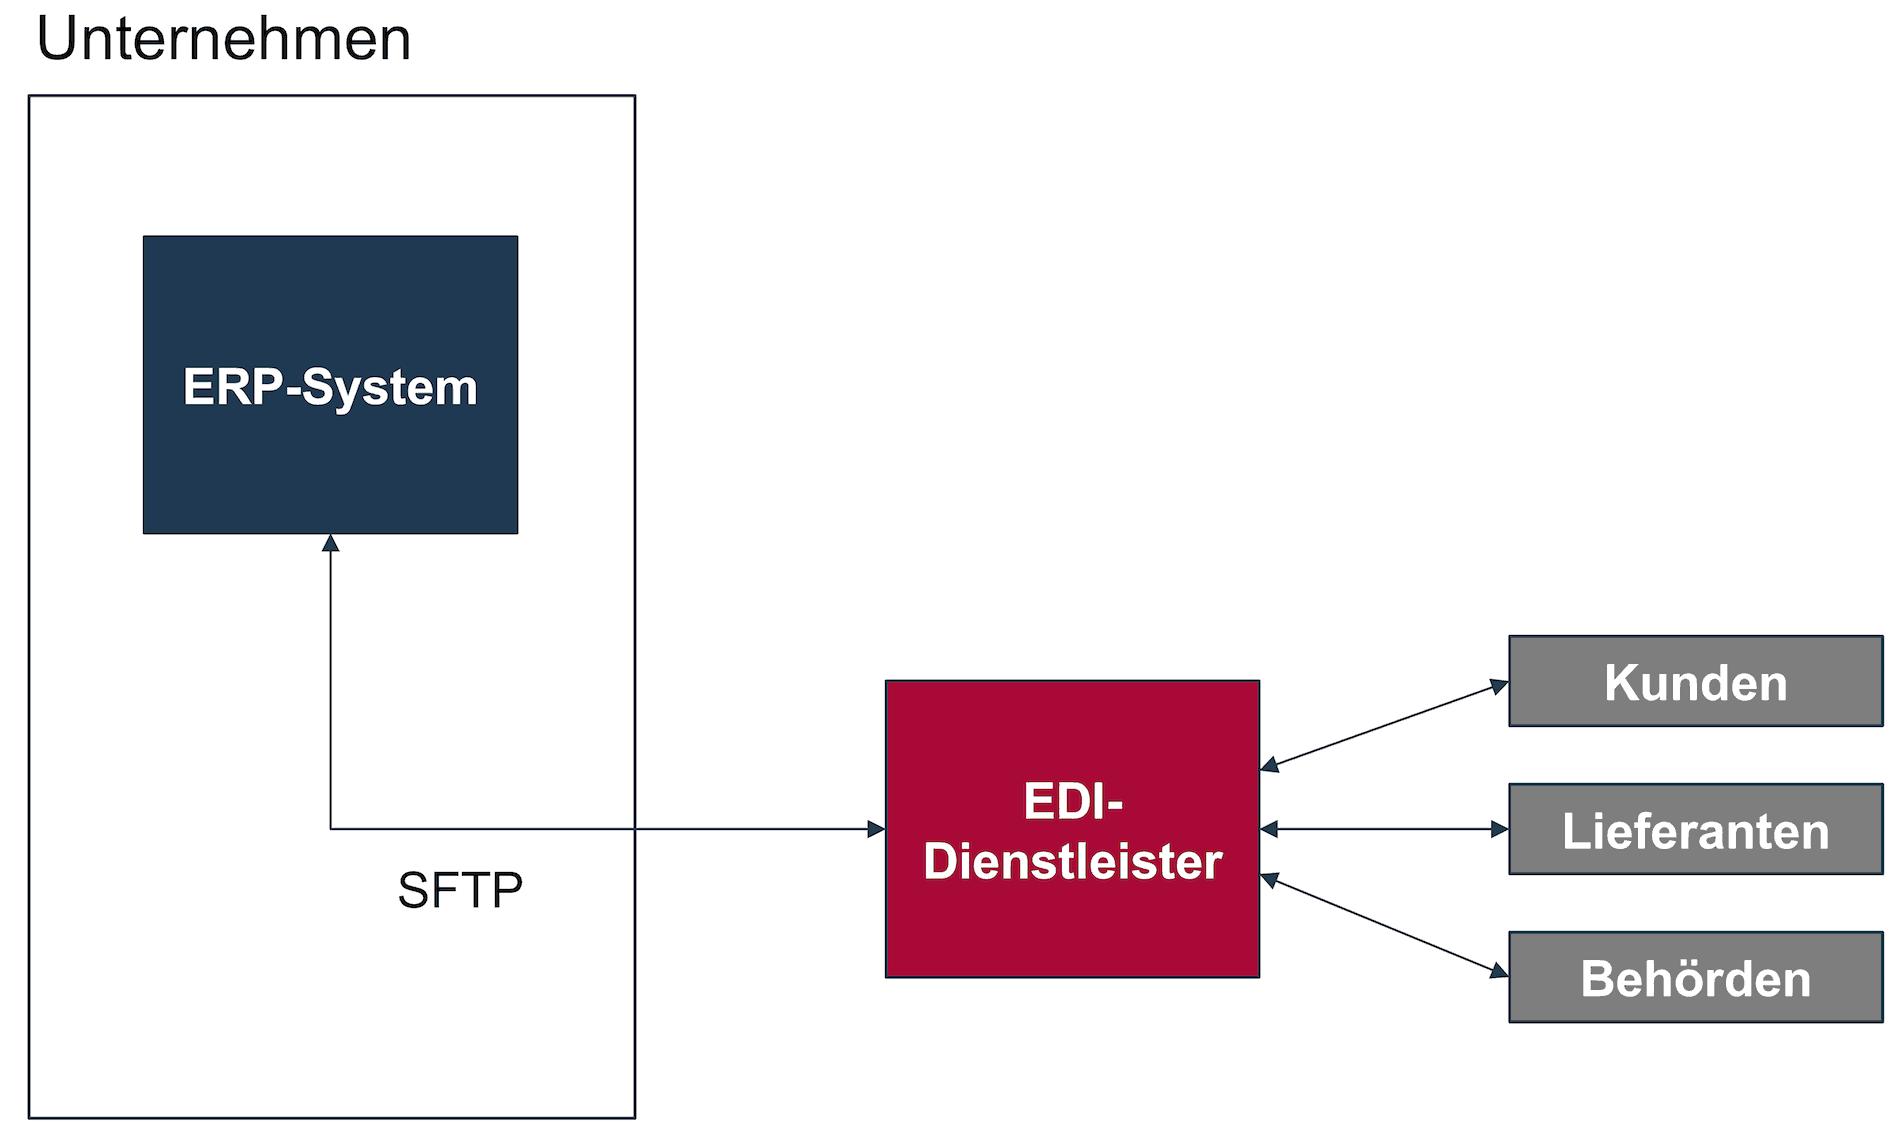 SFTP zwischen Unternehmen und EDI-Dienstleister